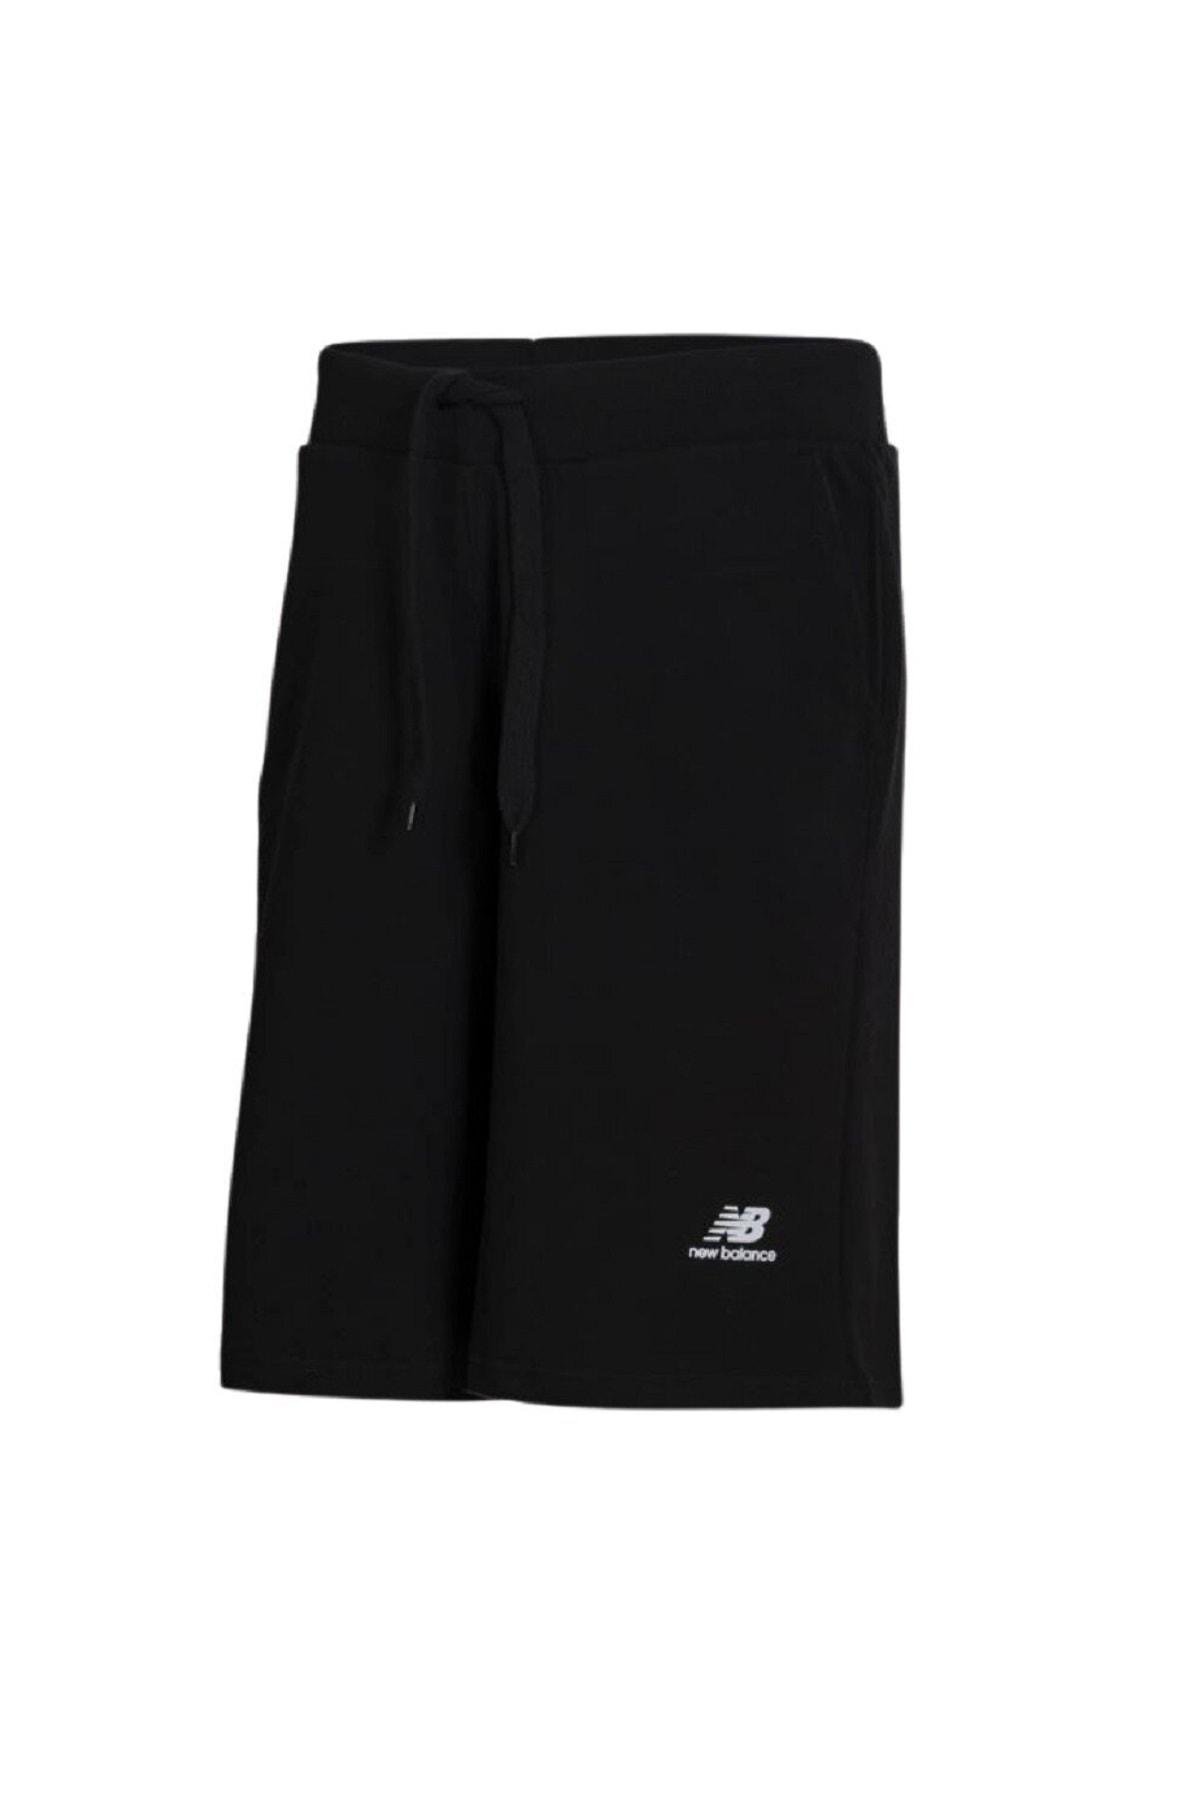 New Balance Erkek Siyah Şort Vom Shorts  V MTS005 BK 1